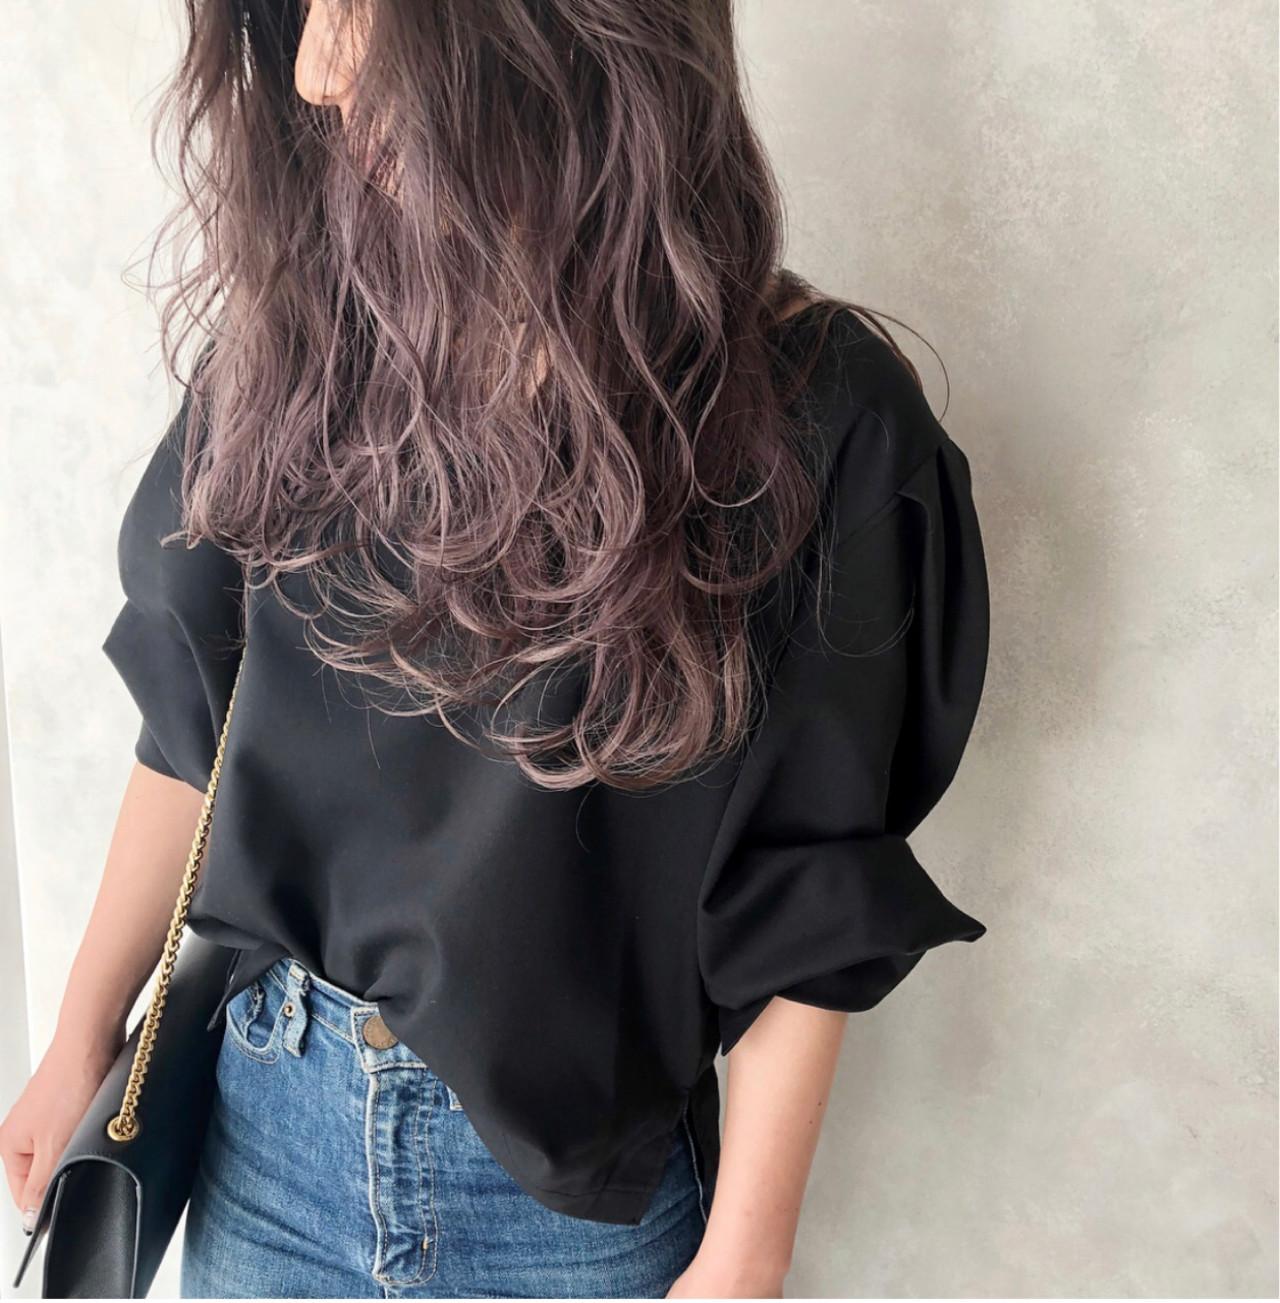 ヘアアレンジ 外国人風 ストリート グレージュ ヘアスタイルや髪型の写真・画像 | ALT 森田 正浩 / ALT